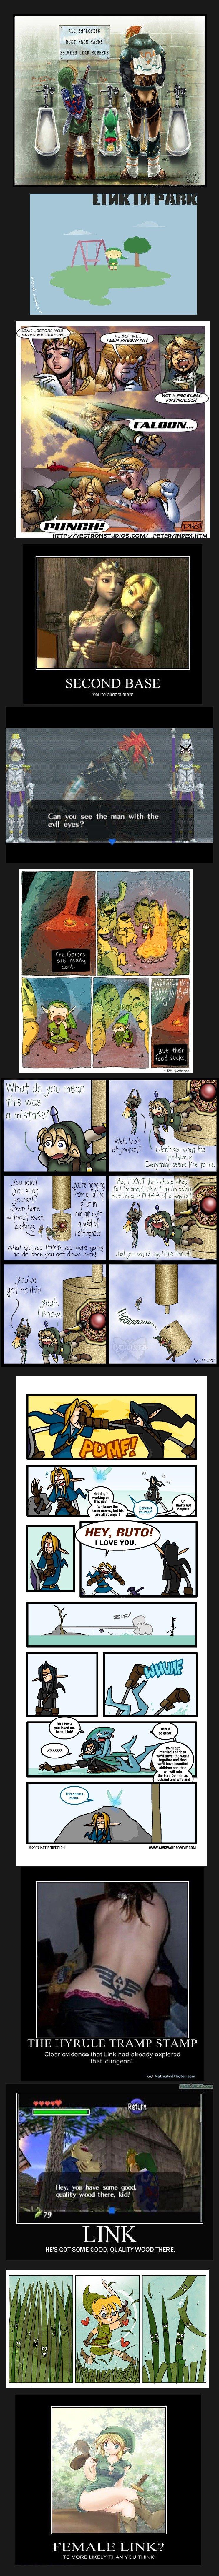 Legend of Zelda comp. . Zelda link Ganon